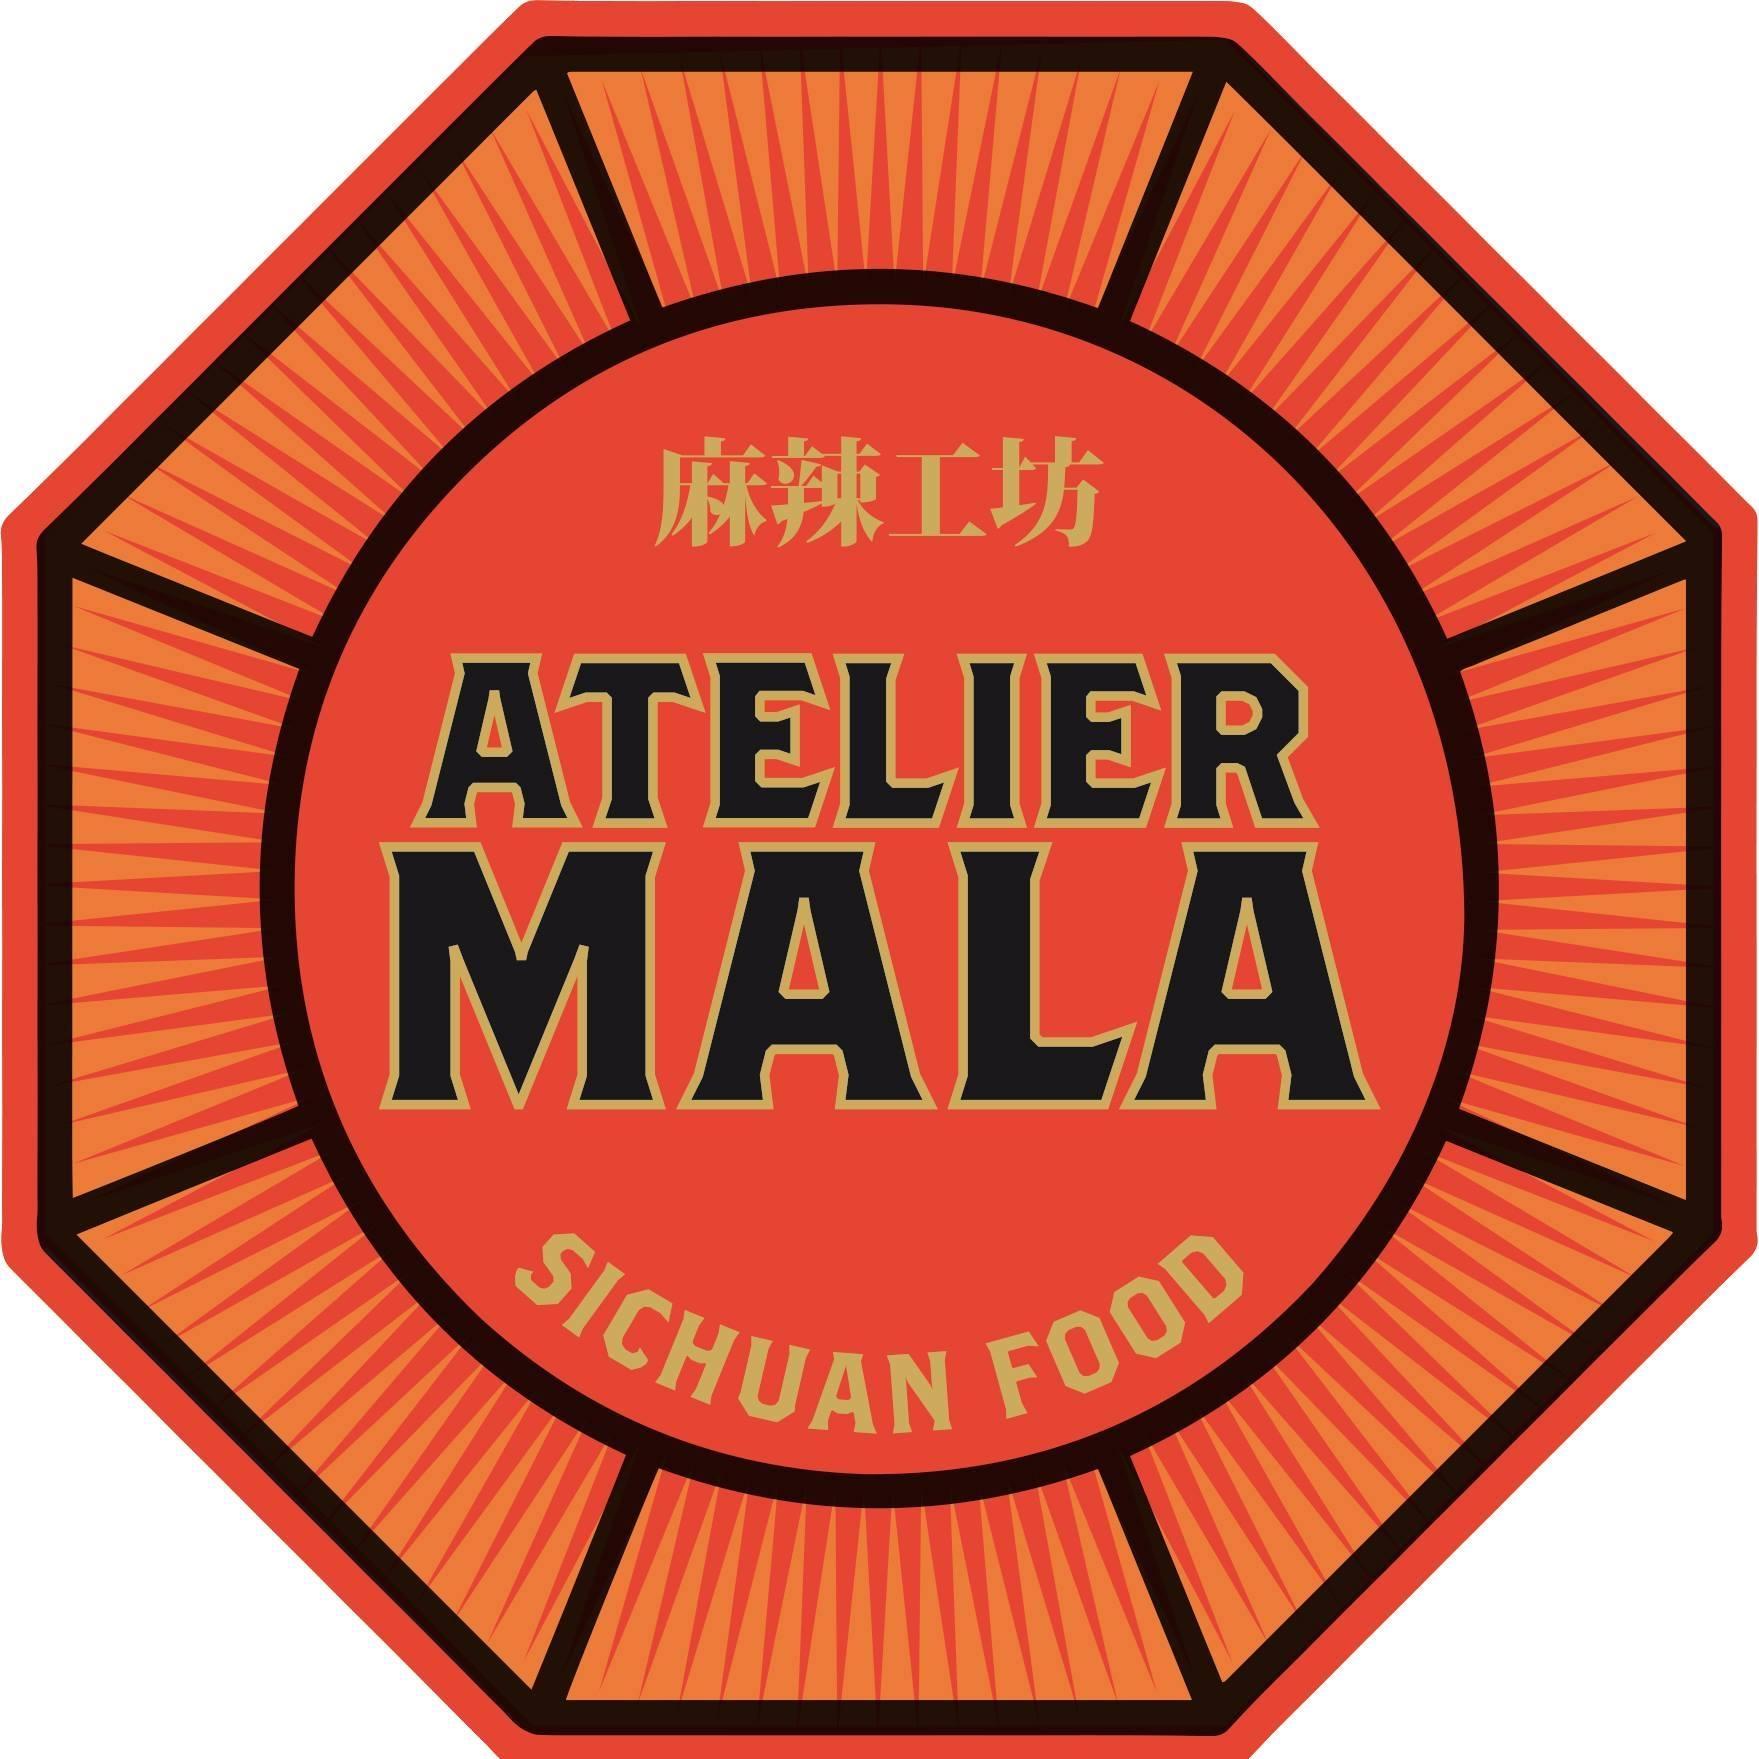 Atelier Mala